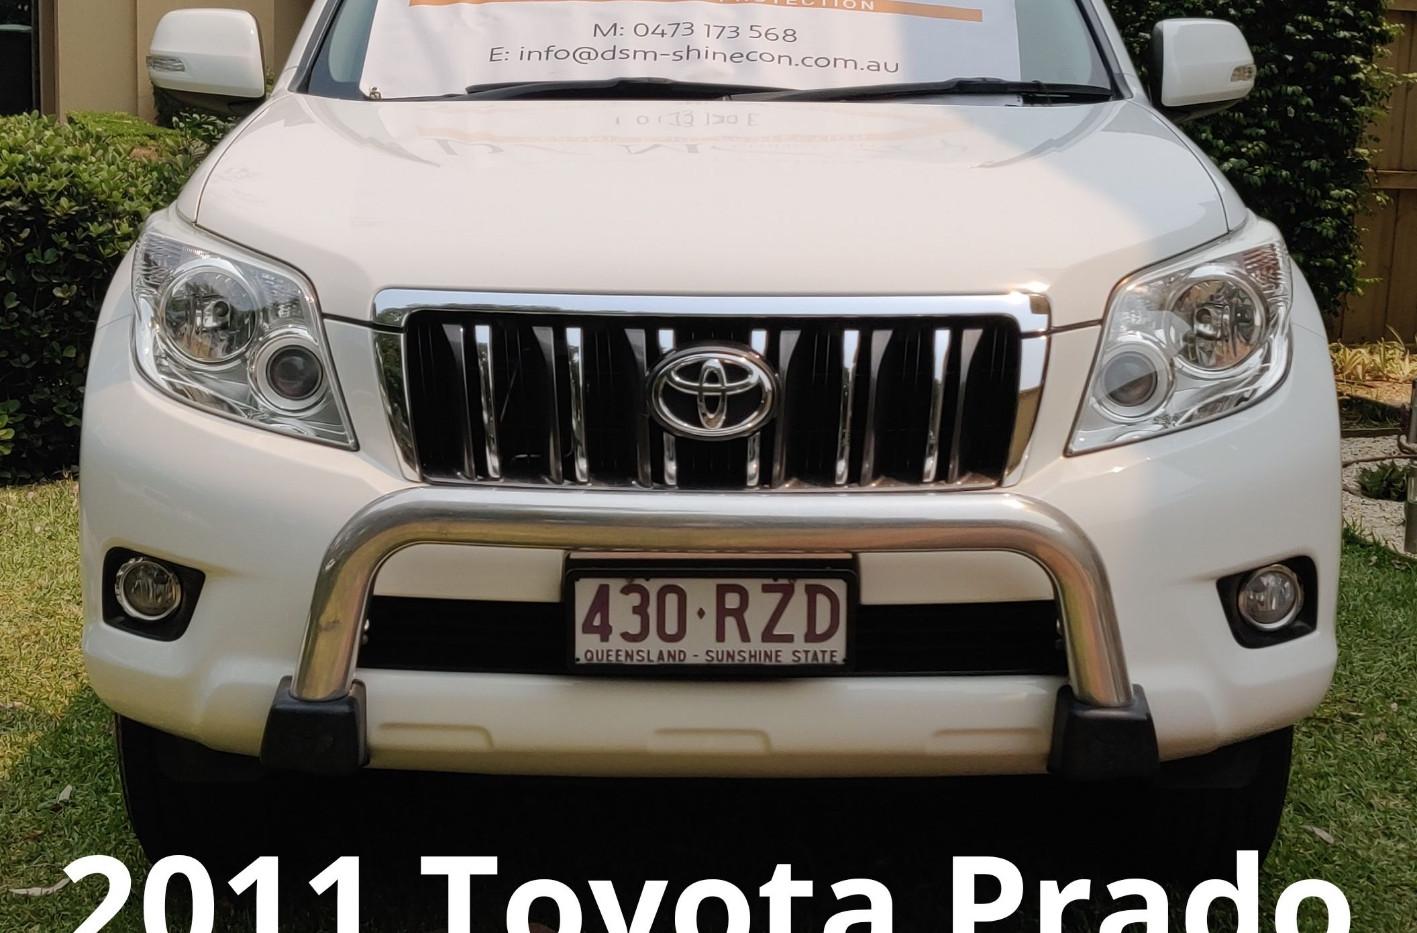 2011 Toyota Prado - ToughSeal Paint Protection